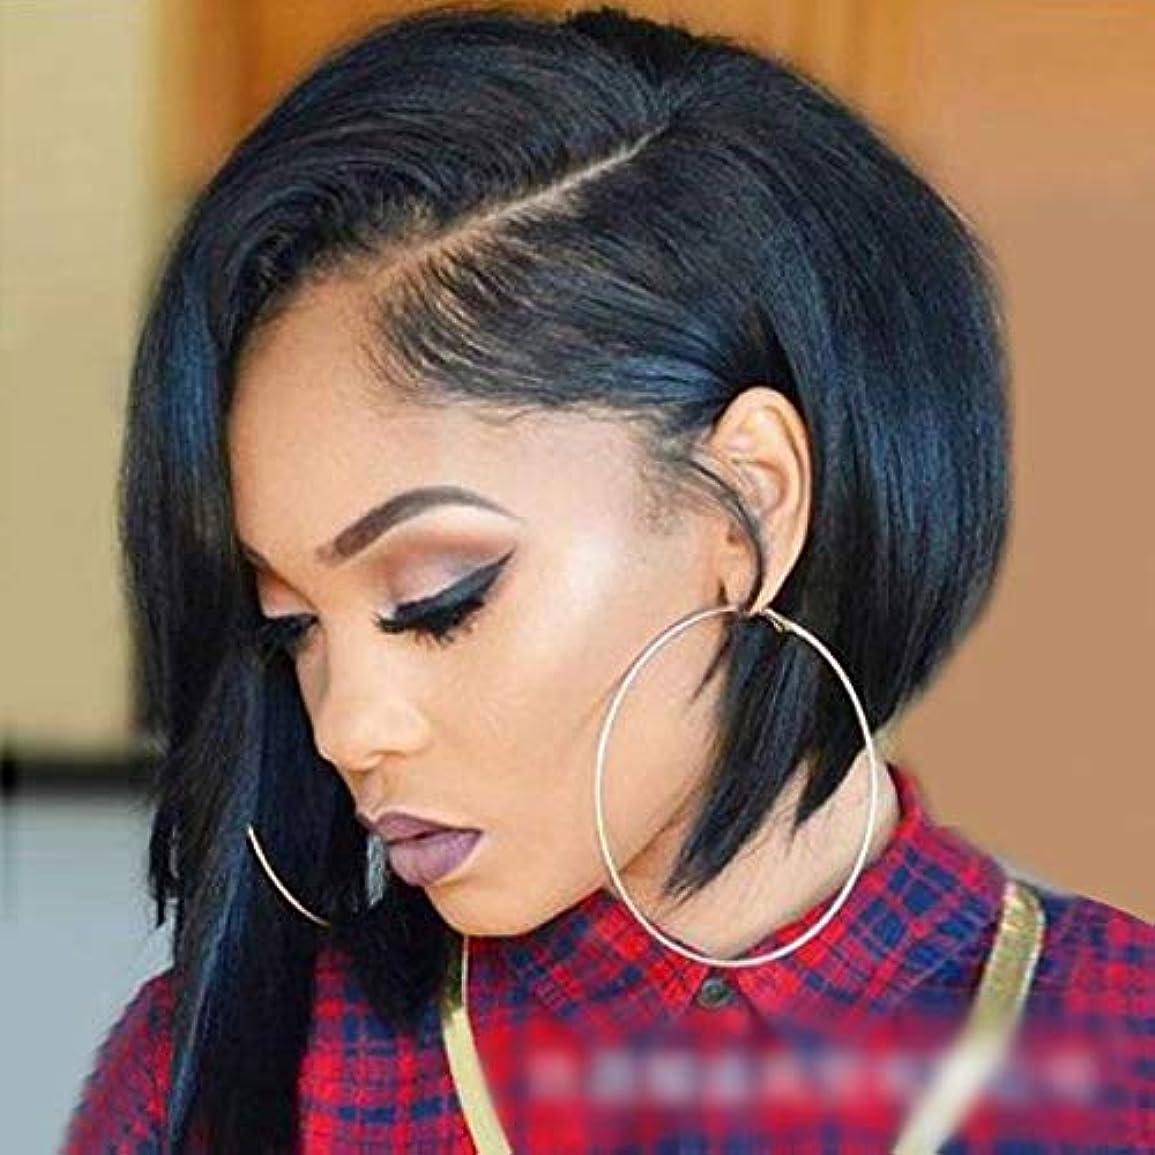 あいさつクラックポットいくつかのWASAIO 女性用シルケンアンコイルドショートヘアサイドパーツウィッグアクセサリースタイル交換用ナチュラル見るレースフロント100%リアルヒューマンハーフ (色 : 黒)